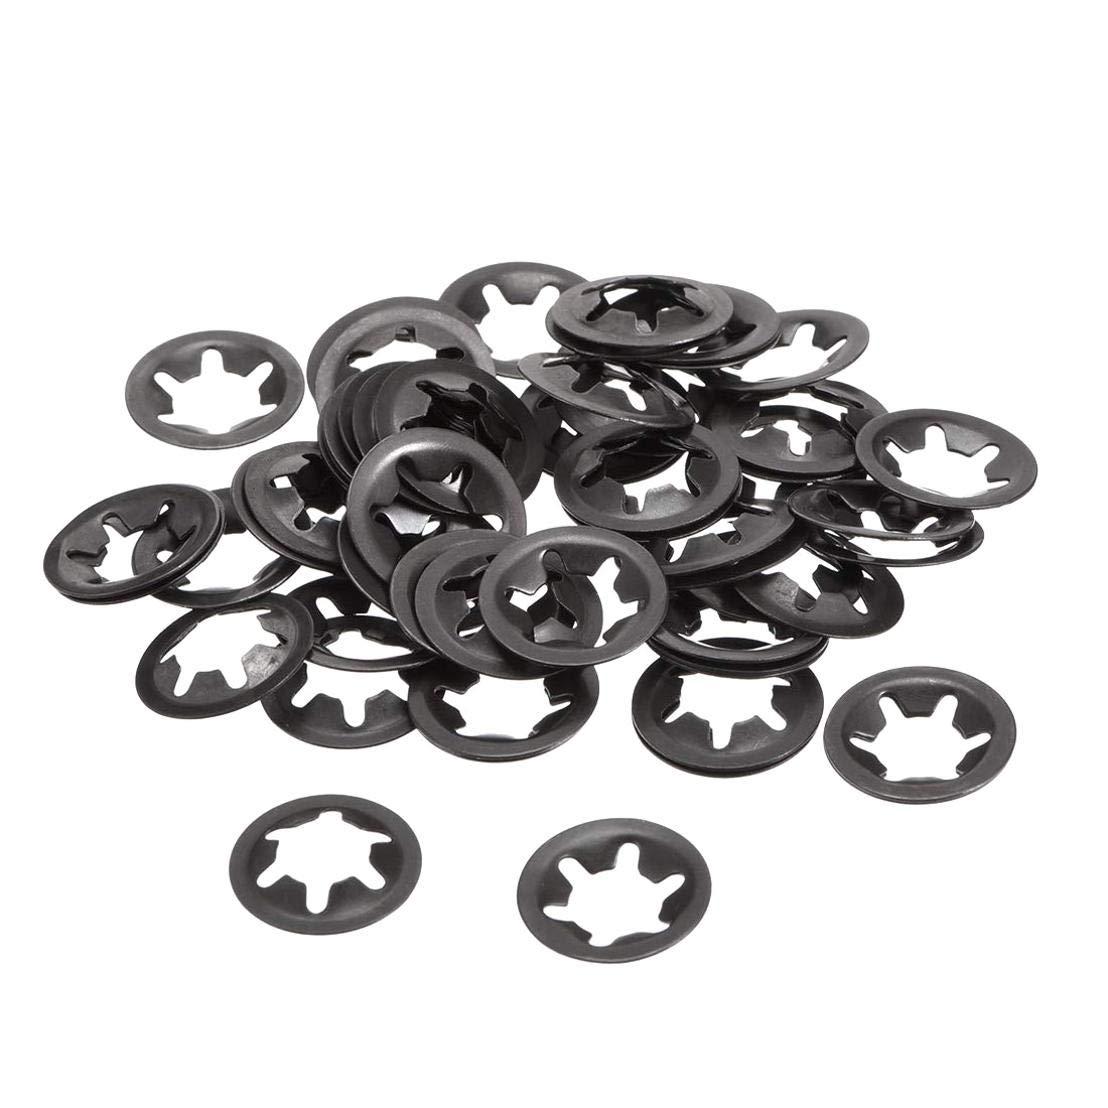 7 mm de di/ámetro Interno Insmart 100 Piezas Starlock Washer Push on Fasteners Arandelas de Bloqueo Clips MN Metal Acero